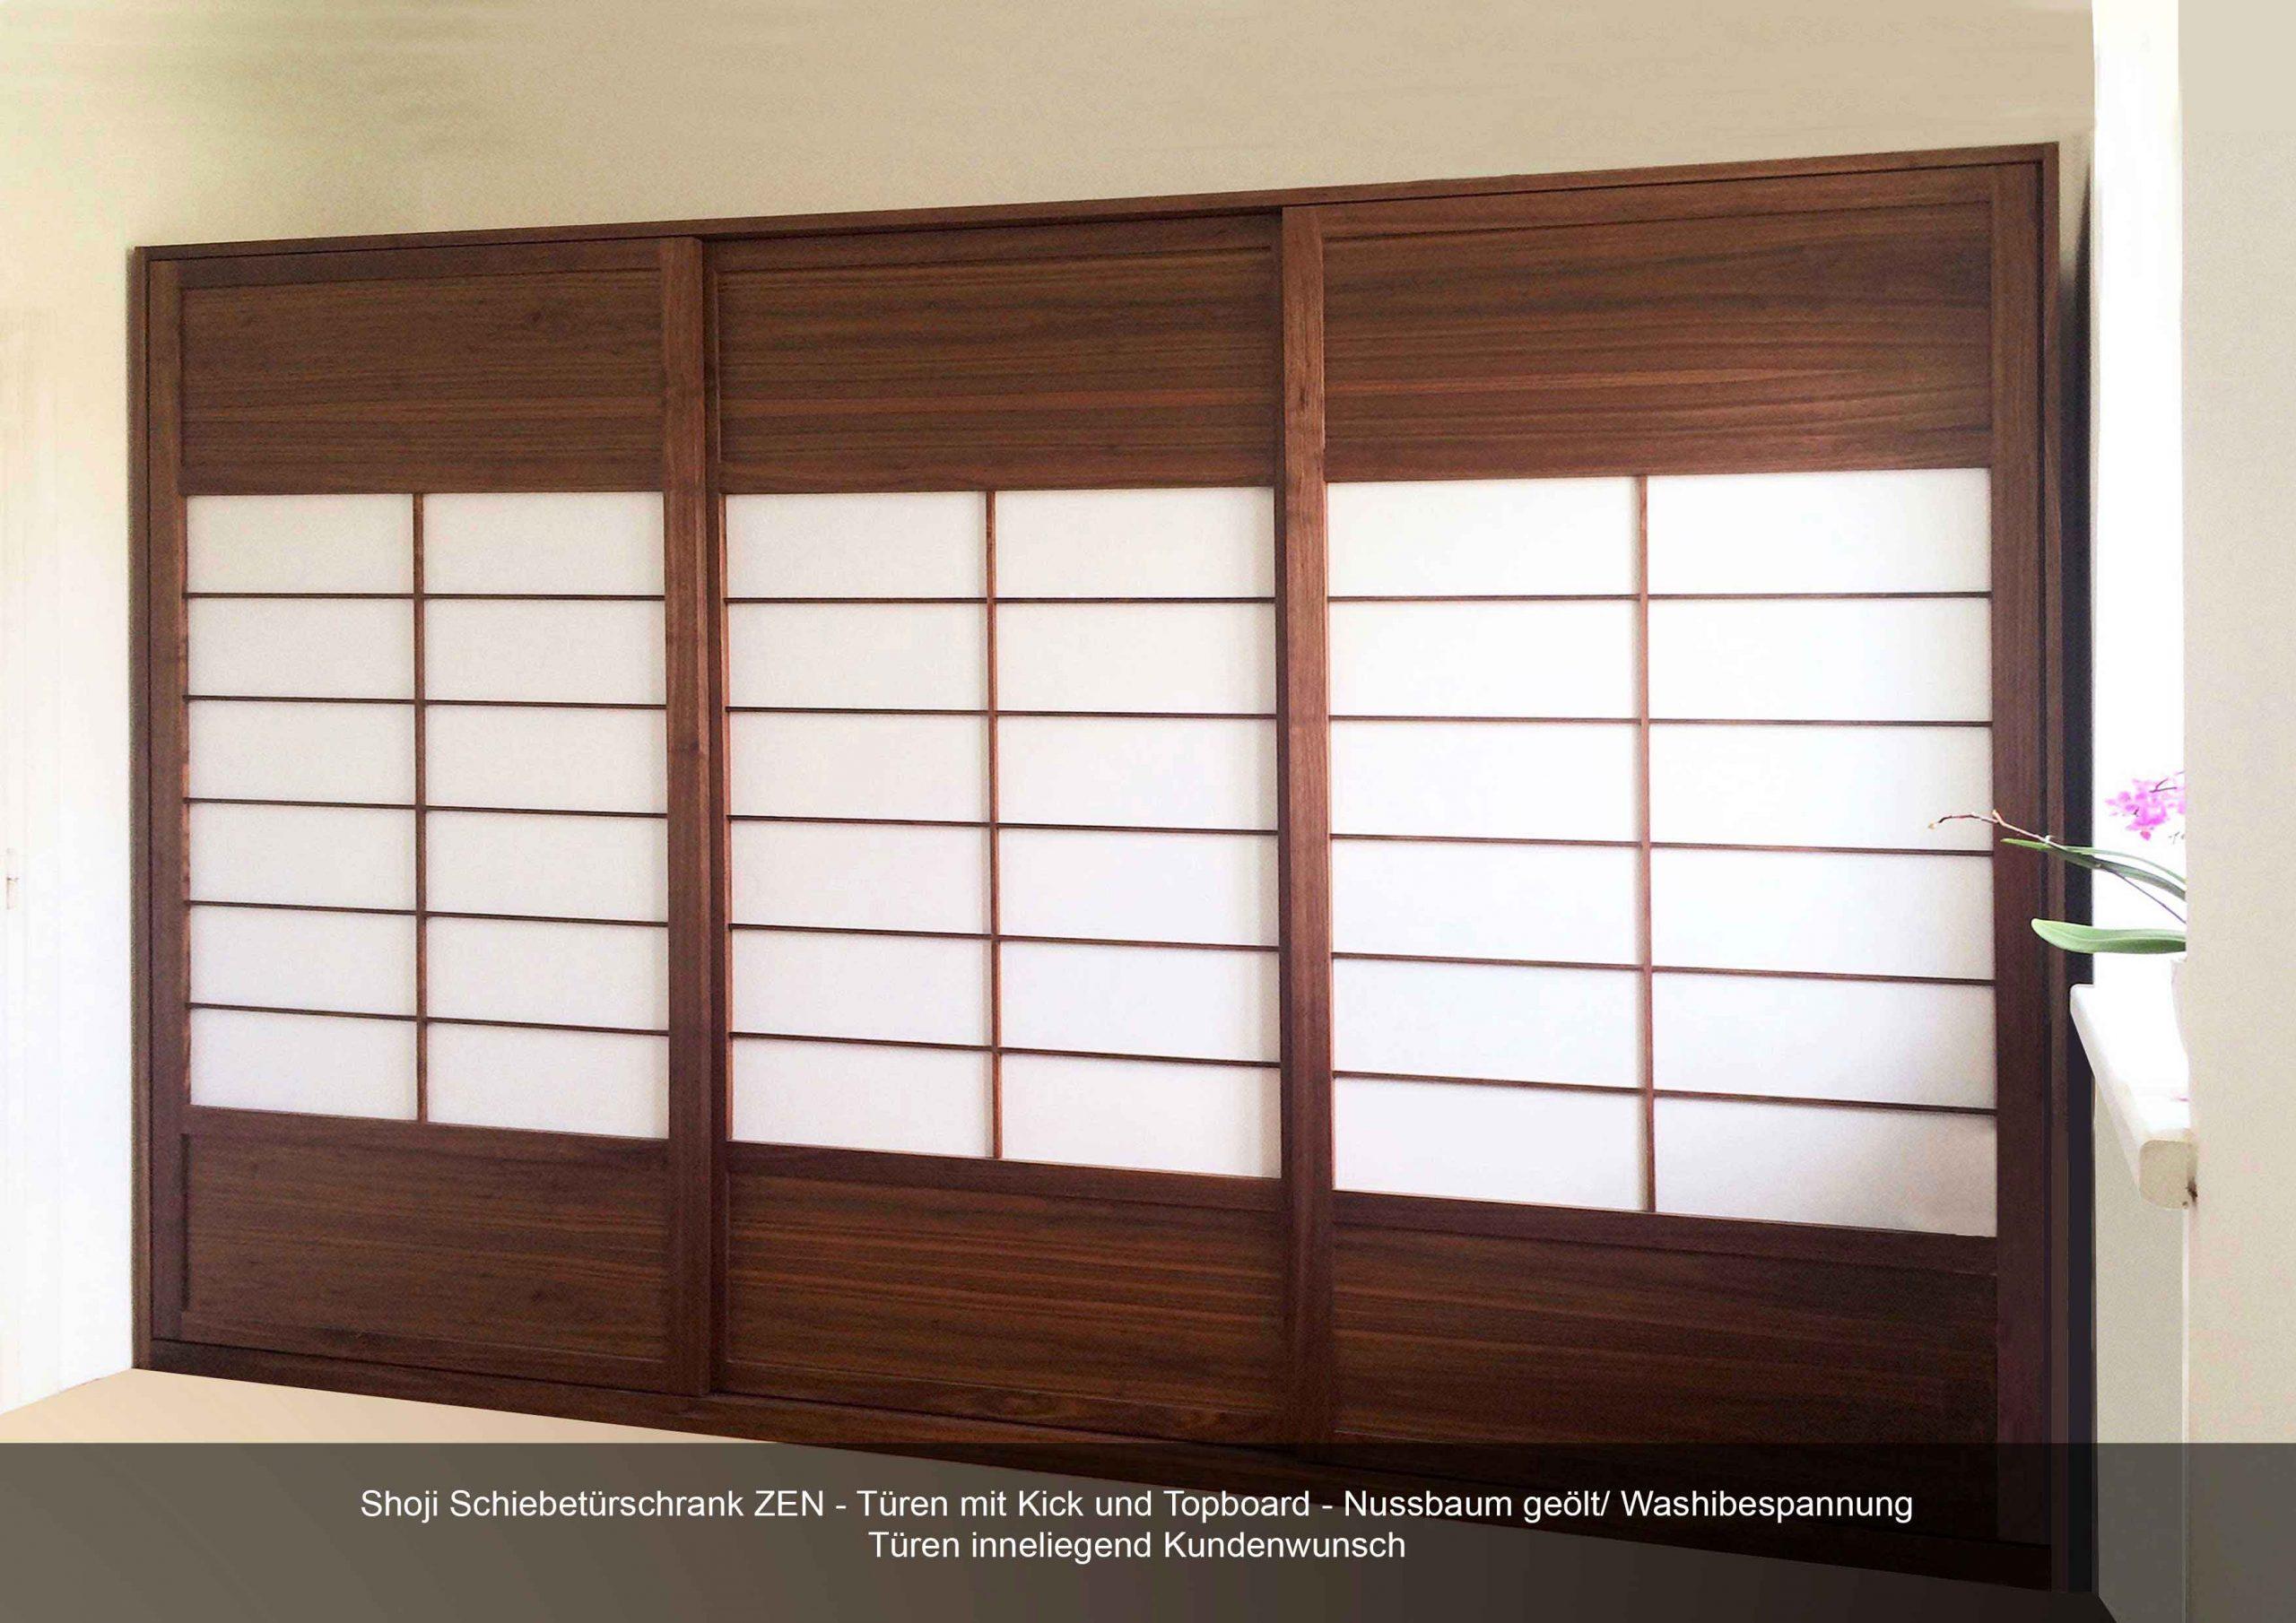 Shoji Schiebetürschrank Zen Türen innenliegend Kick- und Topboard Nussbaum geölt Bespannung Washipapier